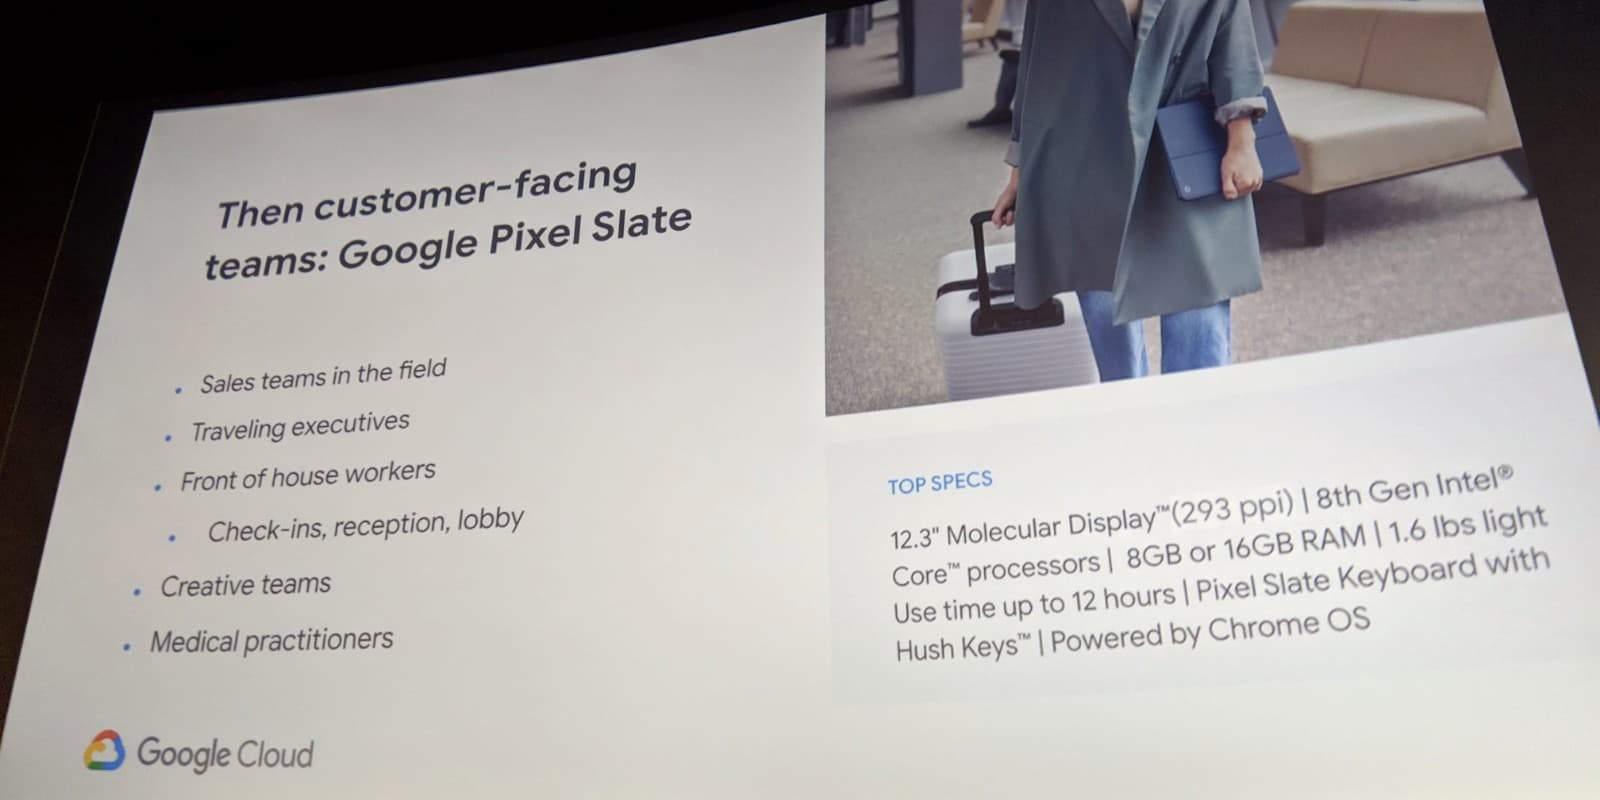 02 google next pixelbook target Cloud Next 2019 9to5Google